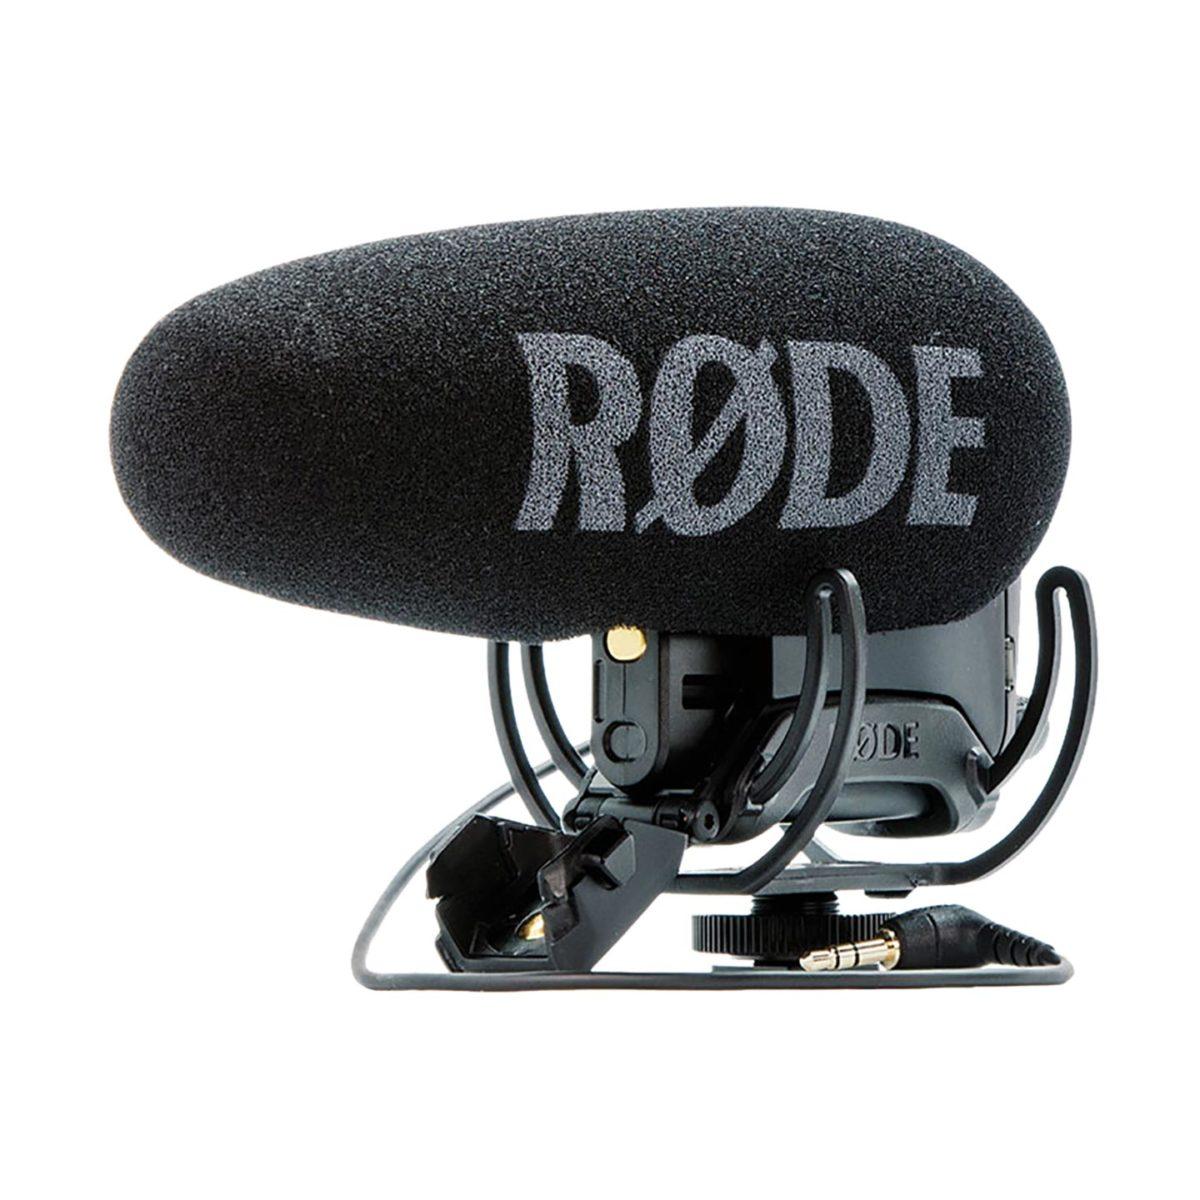 rode_videomic_pro_plus_mikrofon_01